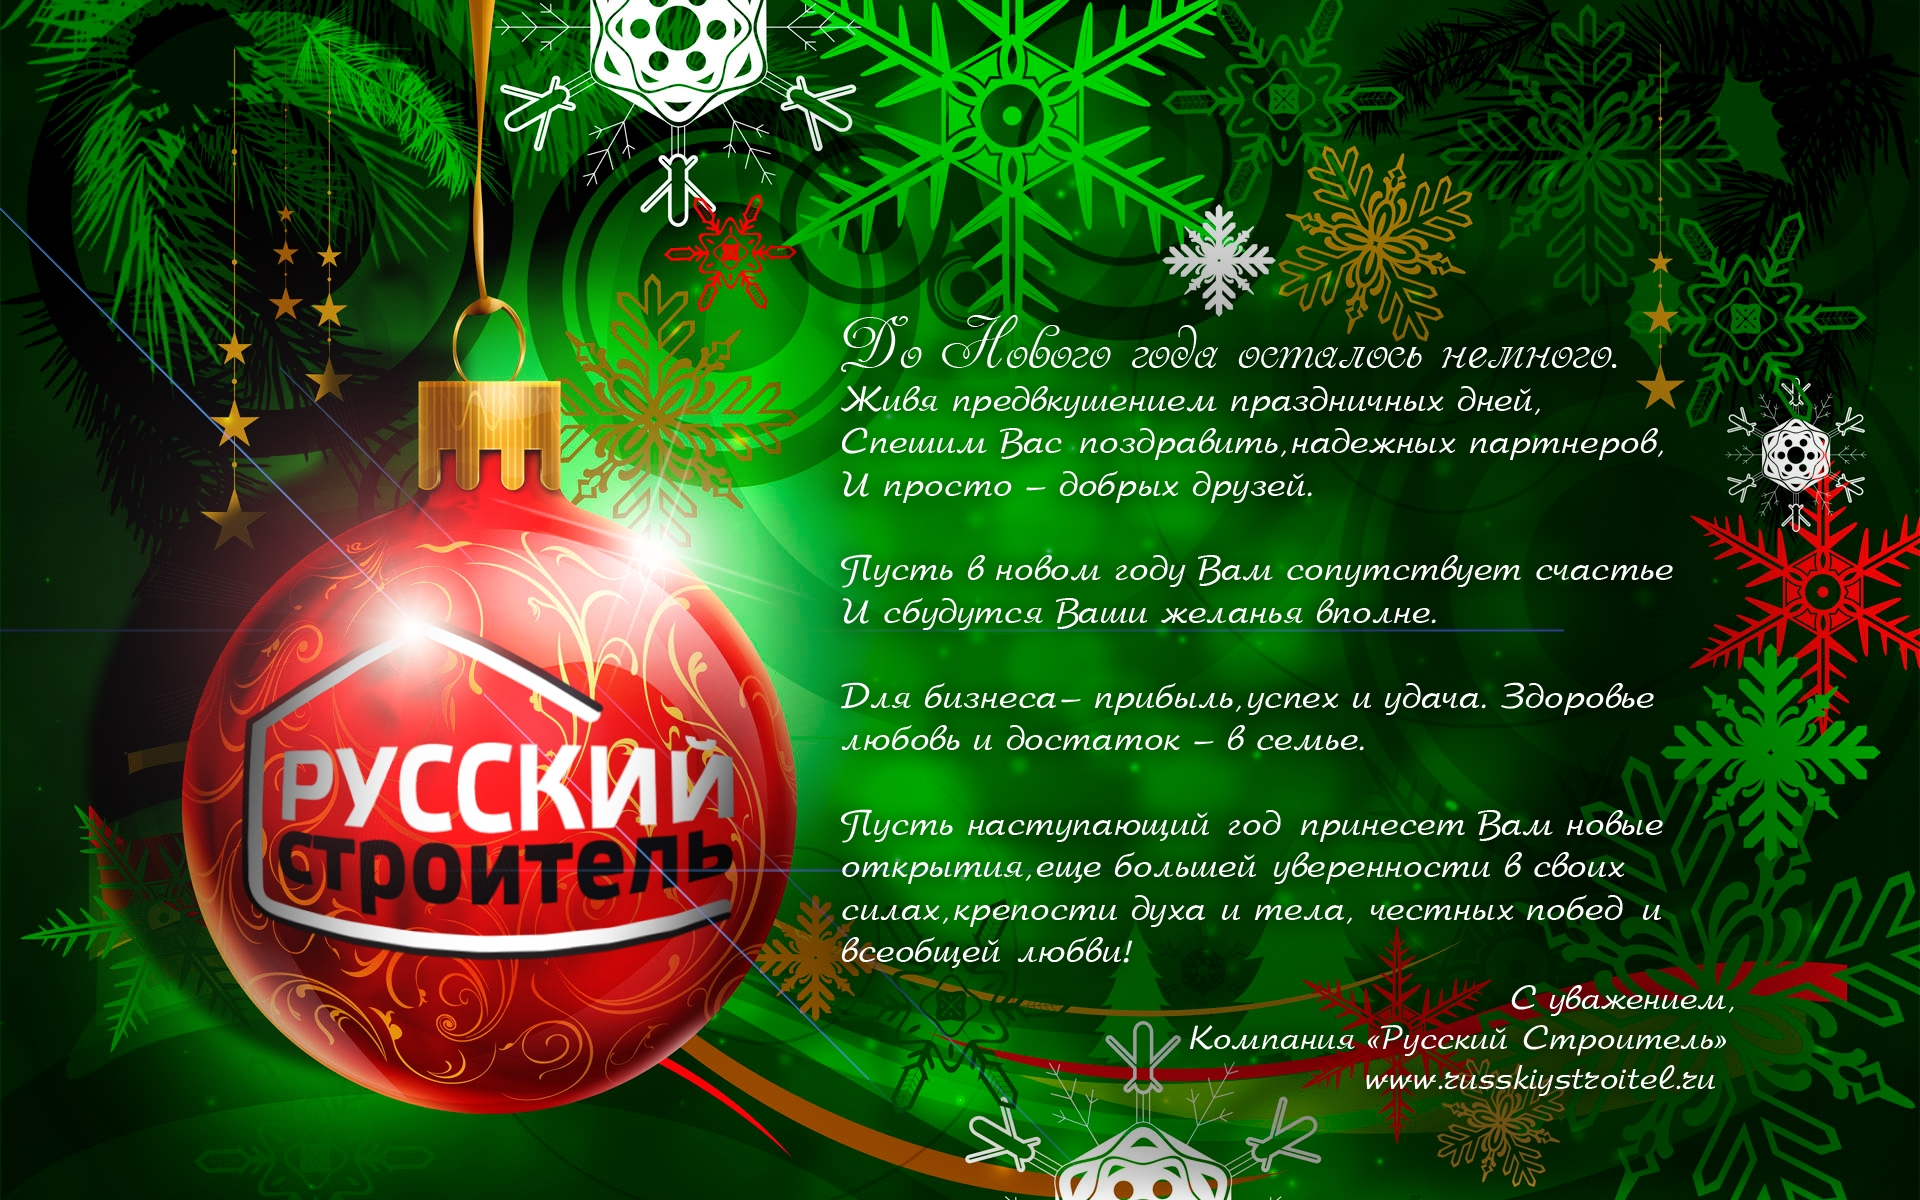 Поздравление новый год организации